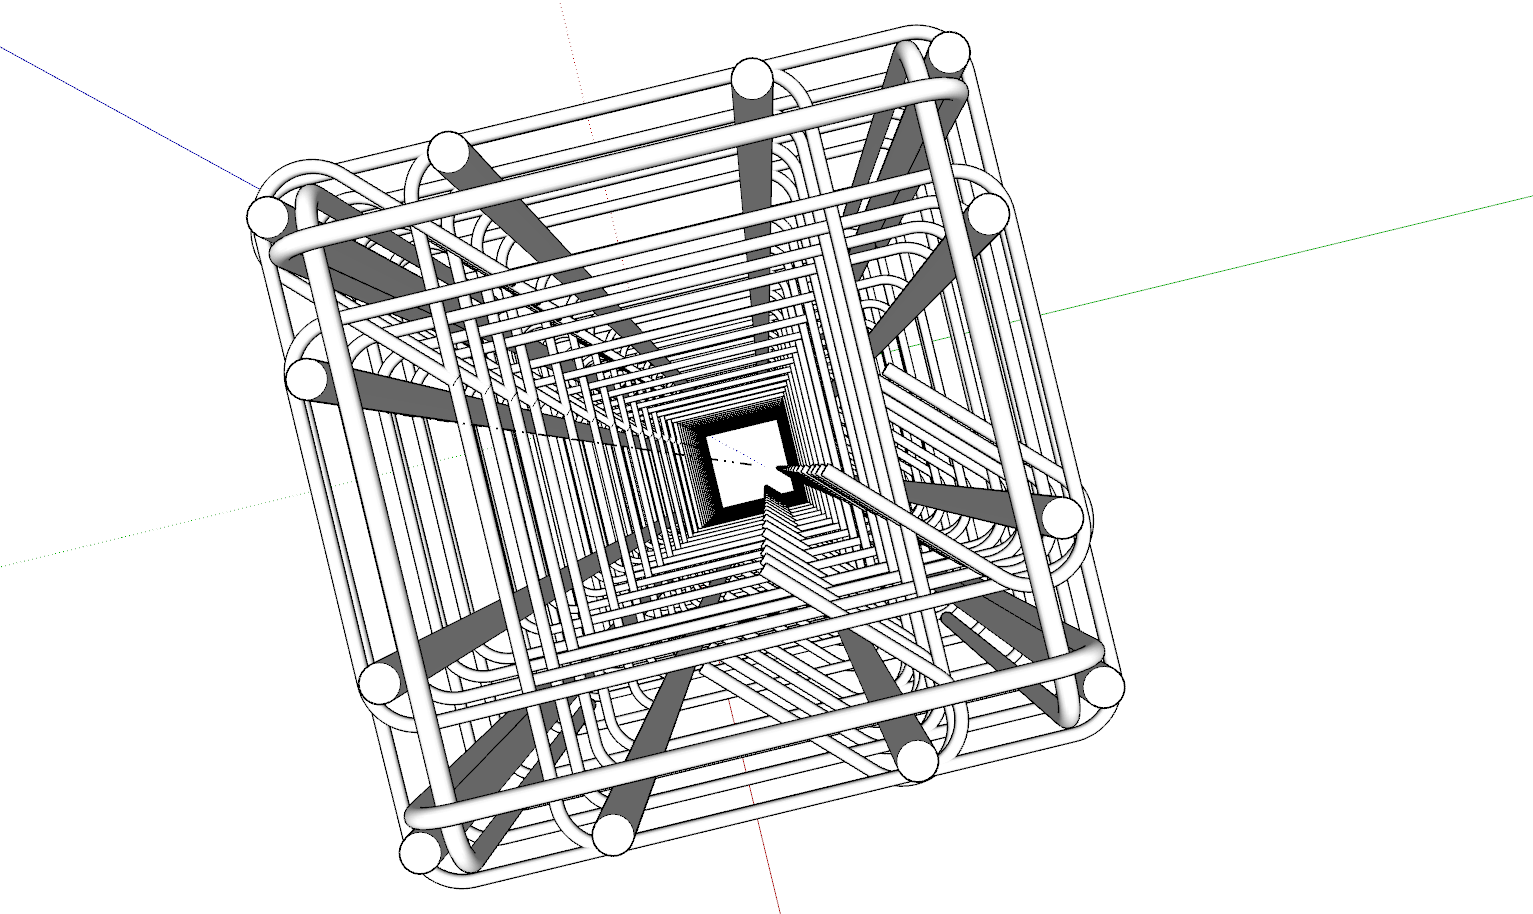 Una gabbia metallica fatta in Sketchup, vista dall'alto